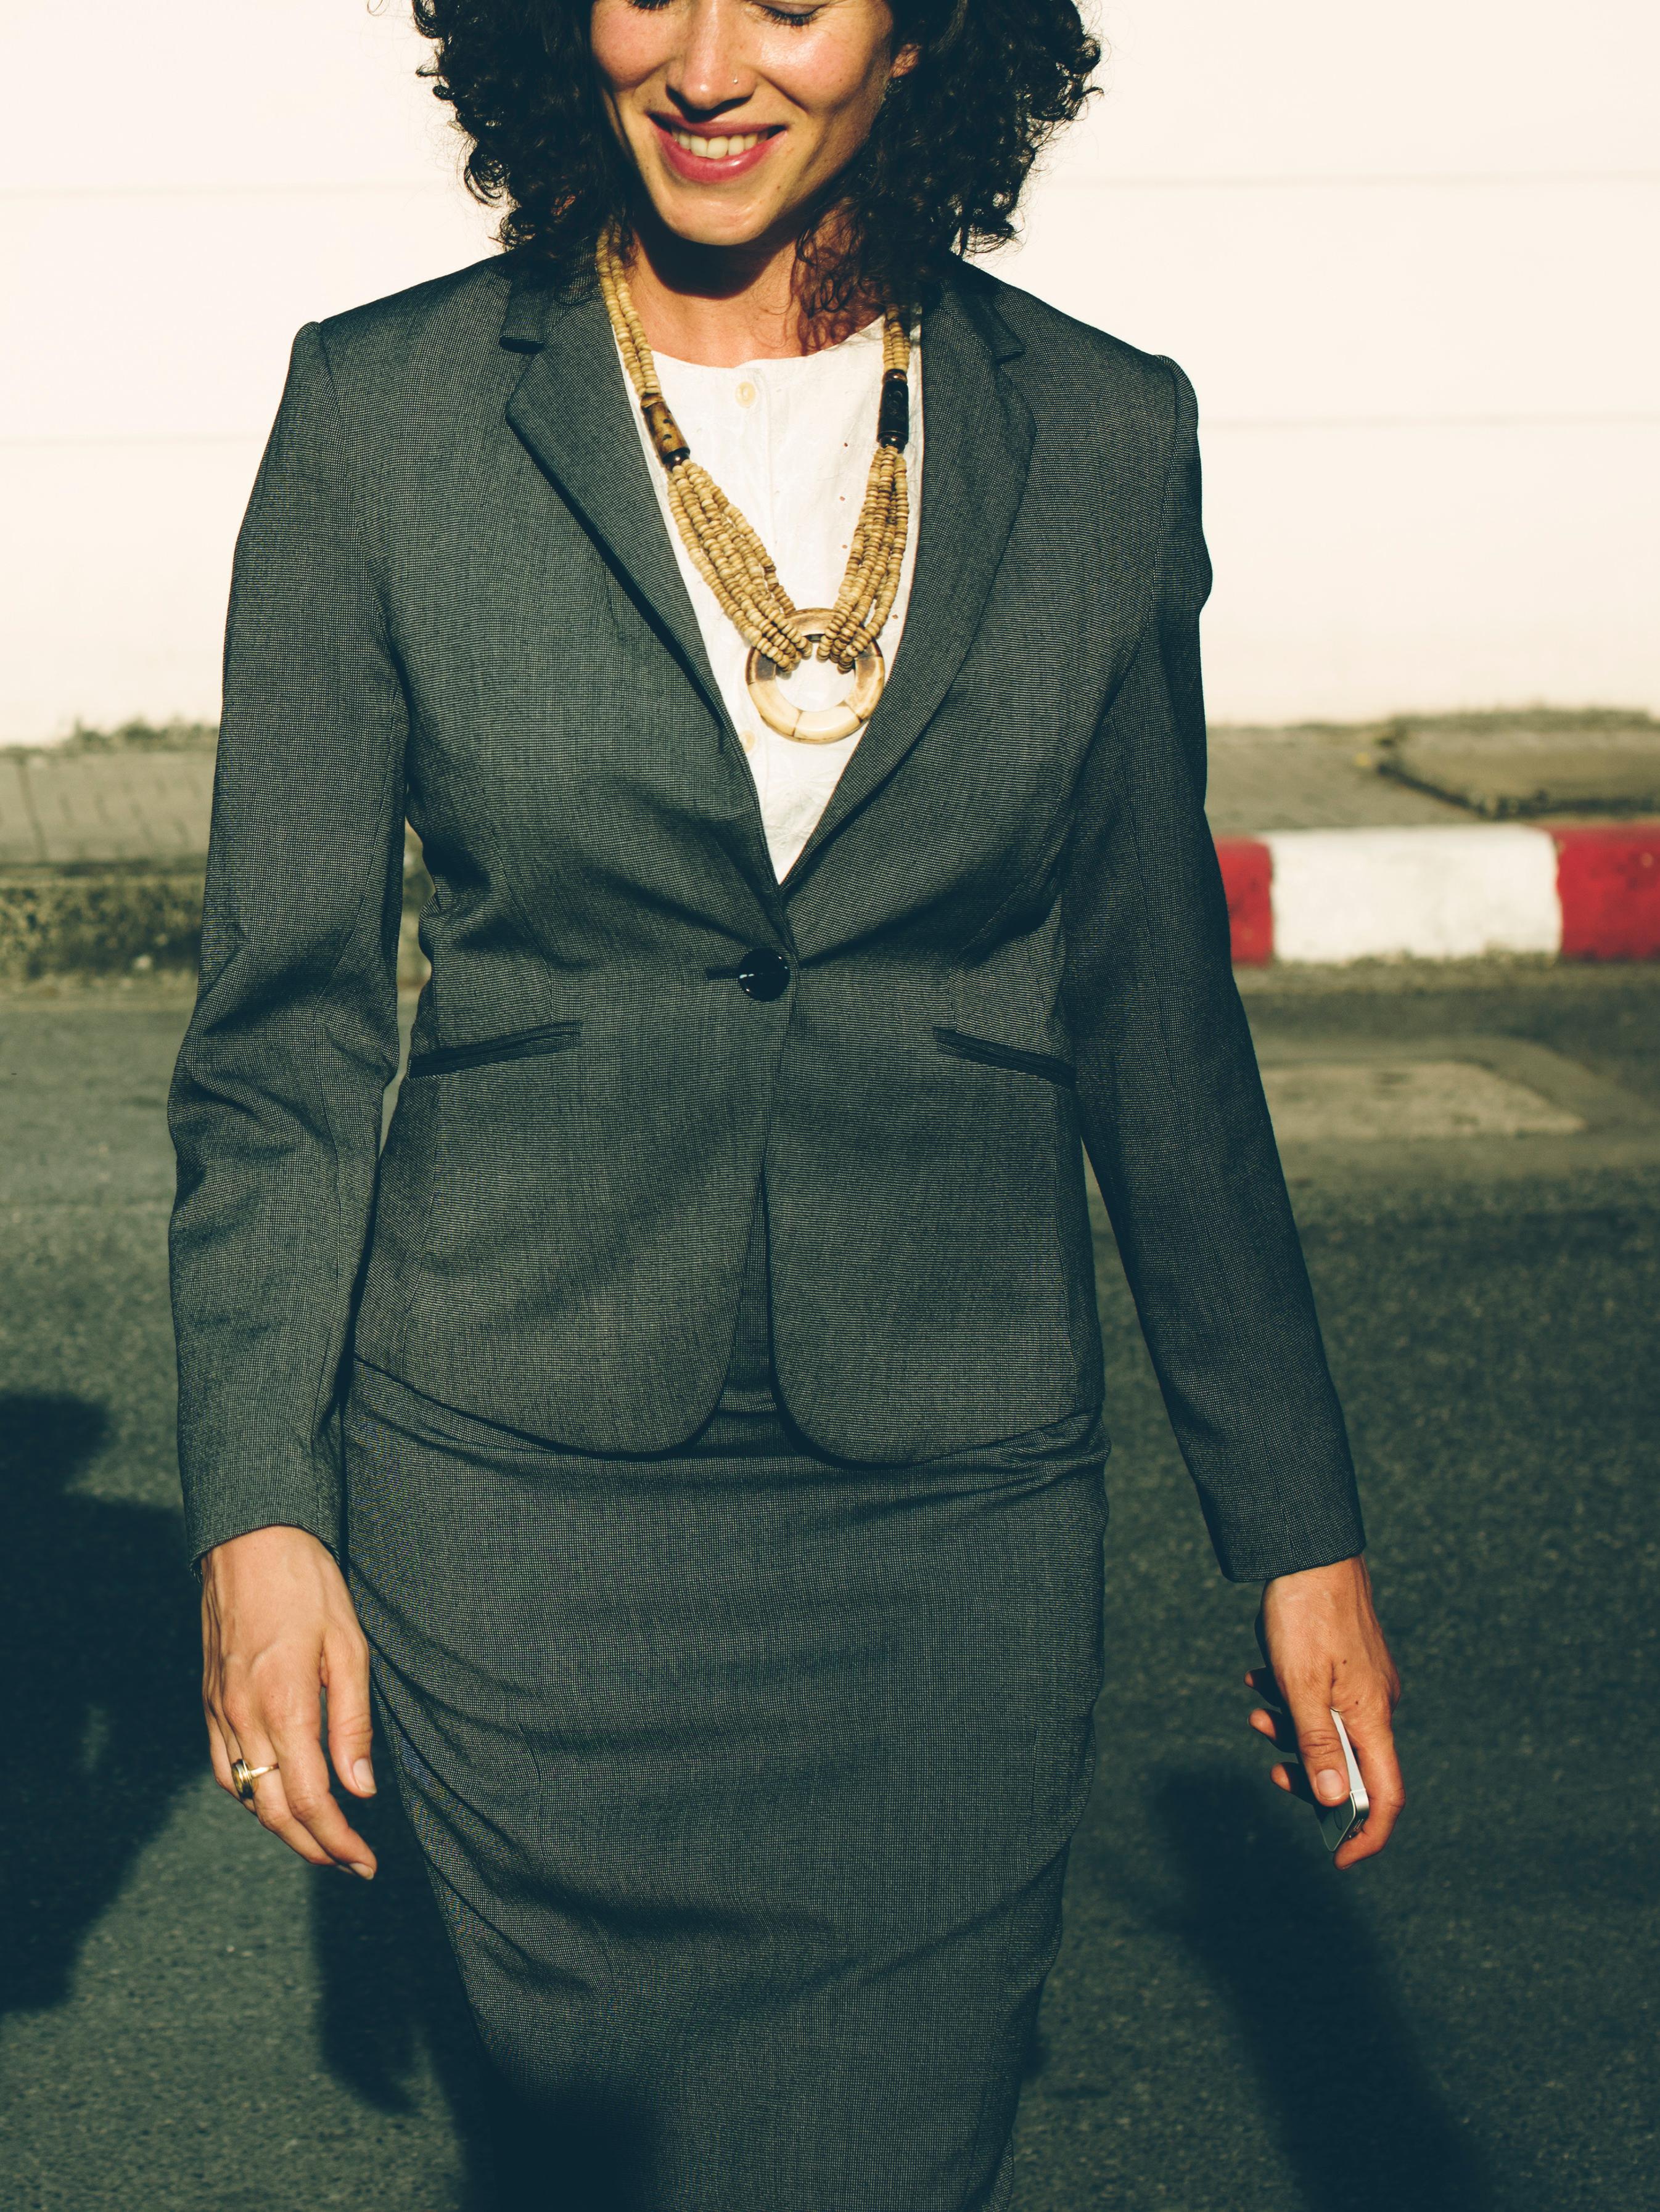 Woman wearing corporate wear